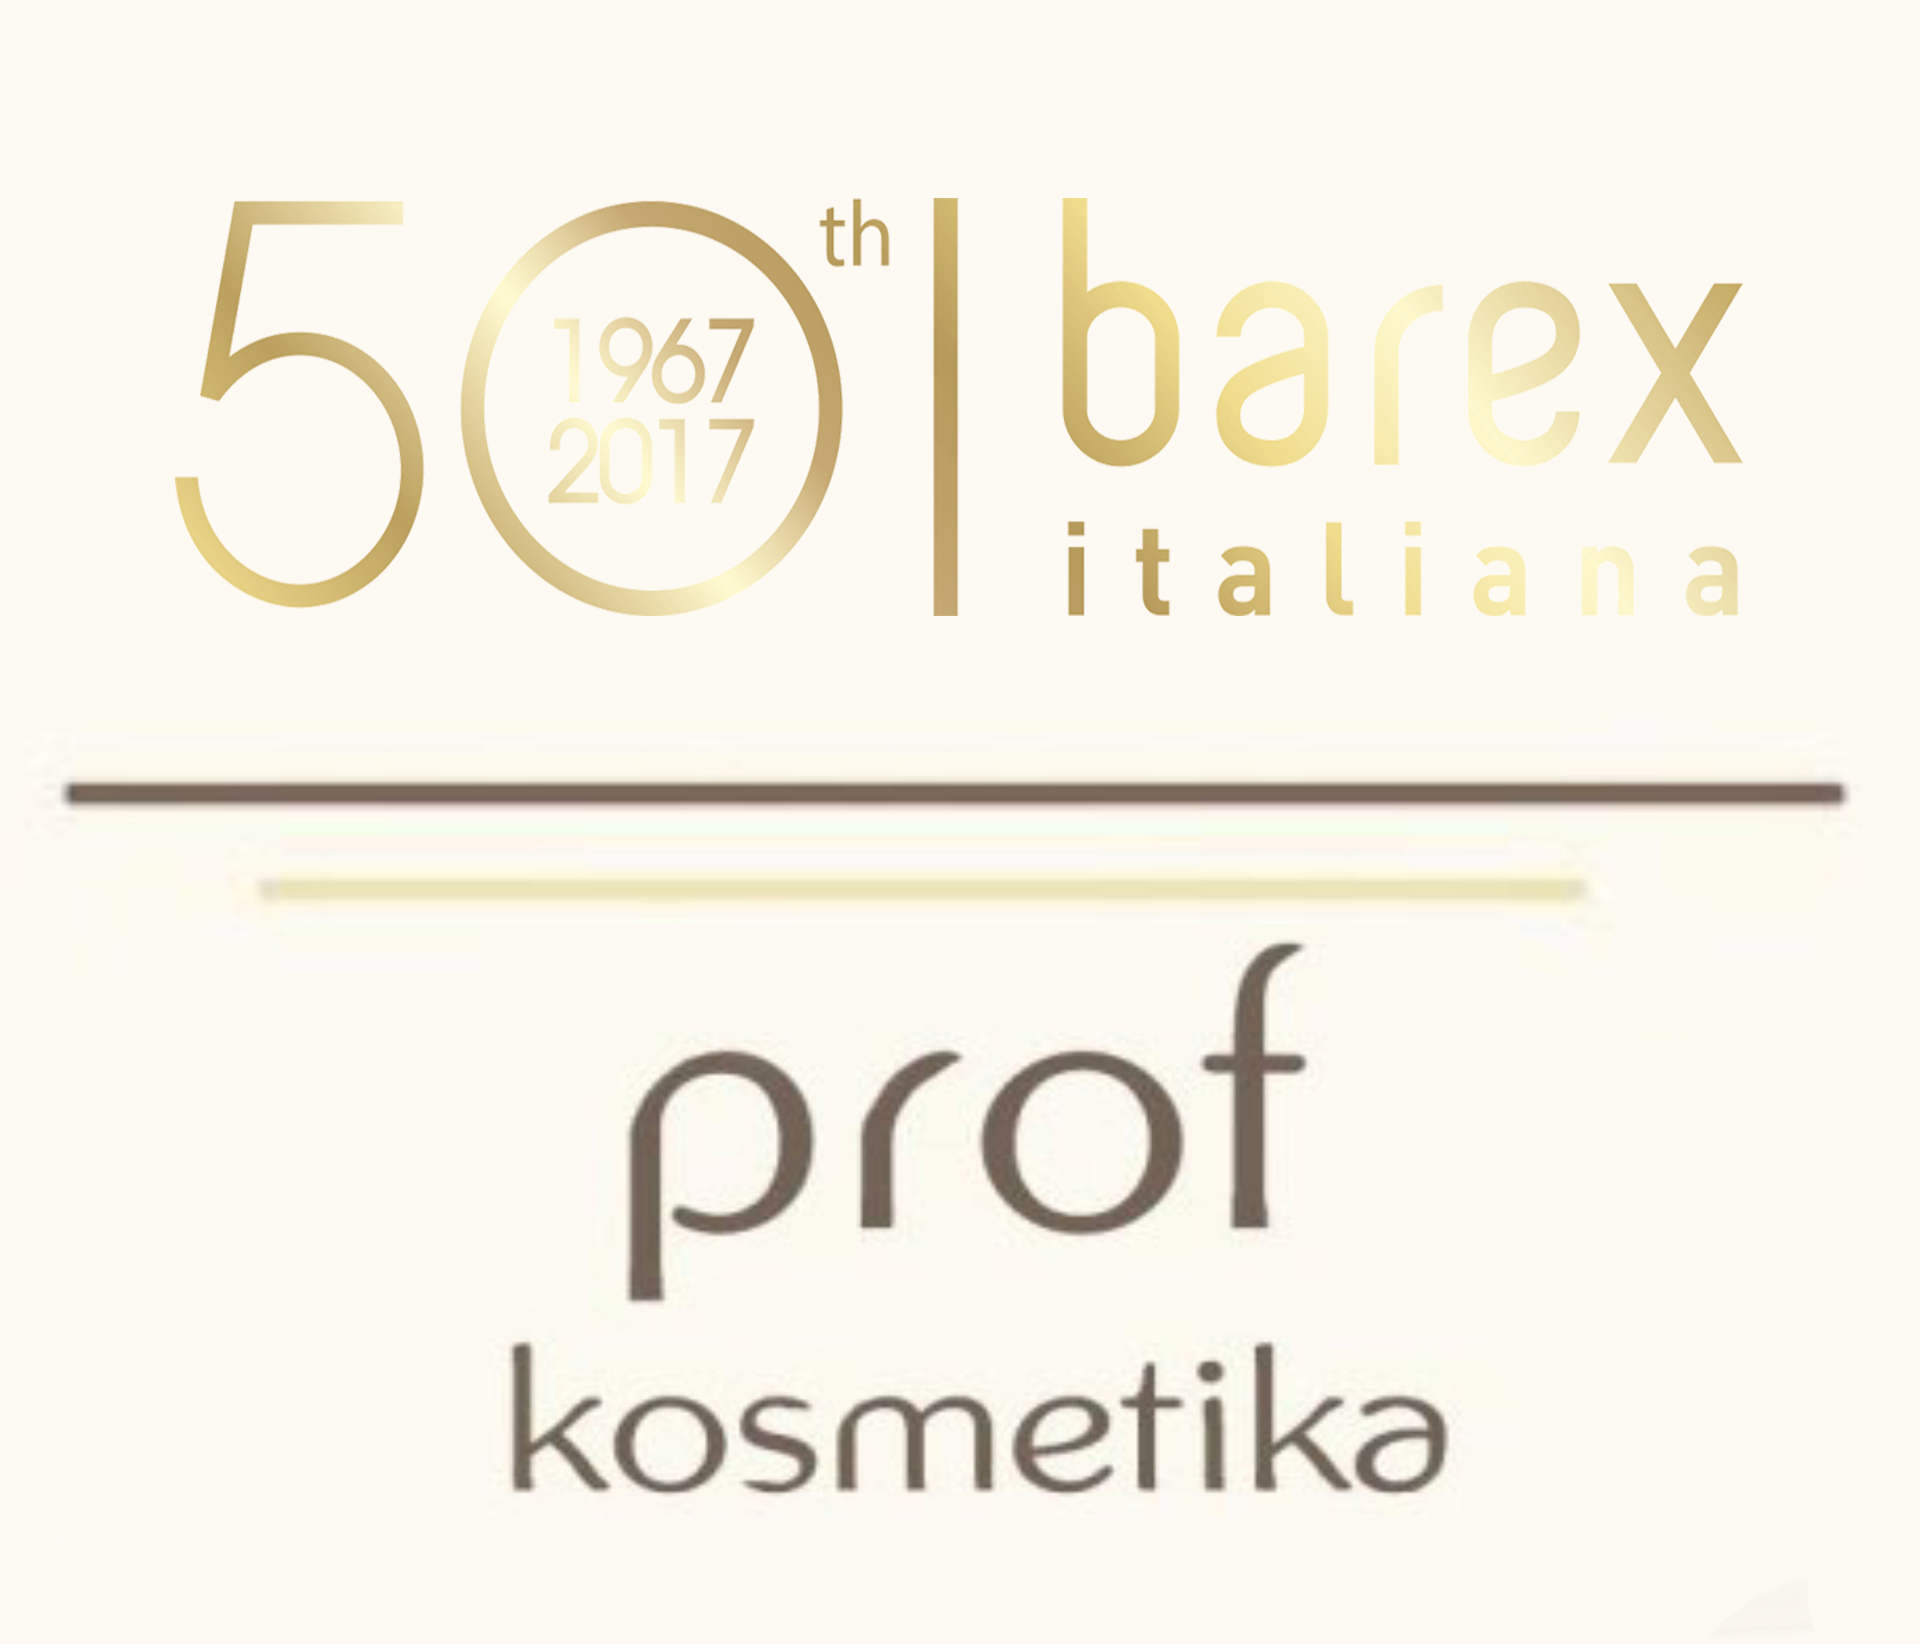 МЫ ЯВЛЯЕМСЯ ЭКСКЛЮЗИВНЫМ ОФИЦИАЛЬНЫМ ПРЕДСТАВИТЕЛЕМ TM BAREX ITALIANA В УКРАИНЕ